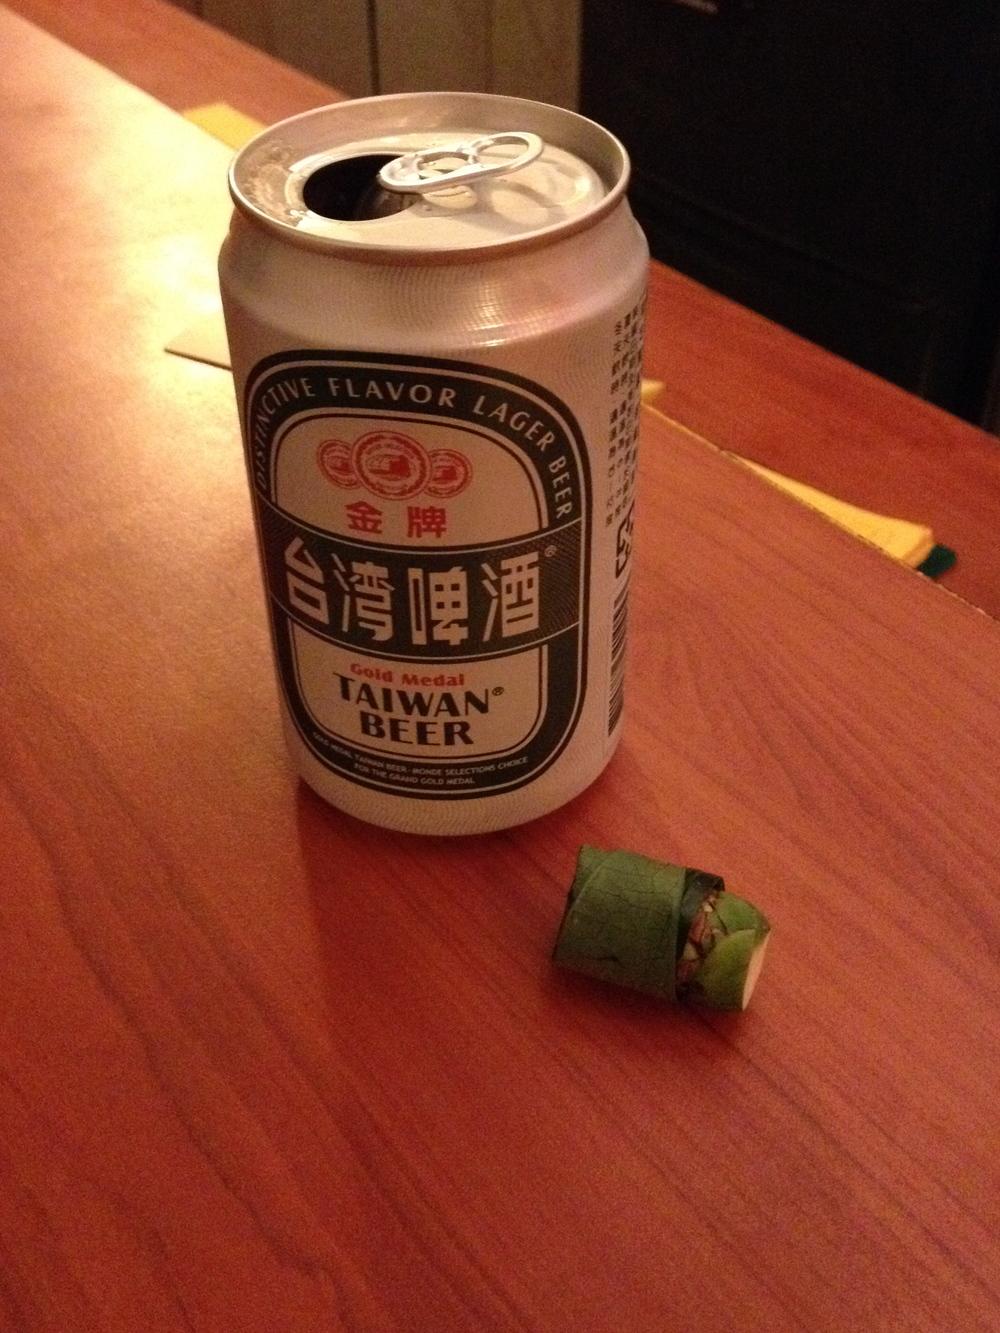 Bethel nut c'est meilleur avec de la bière